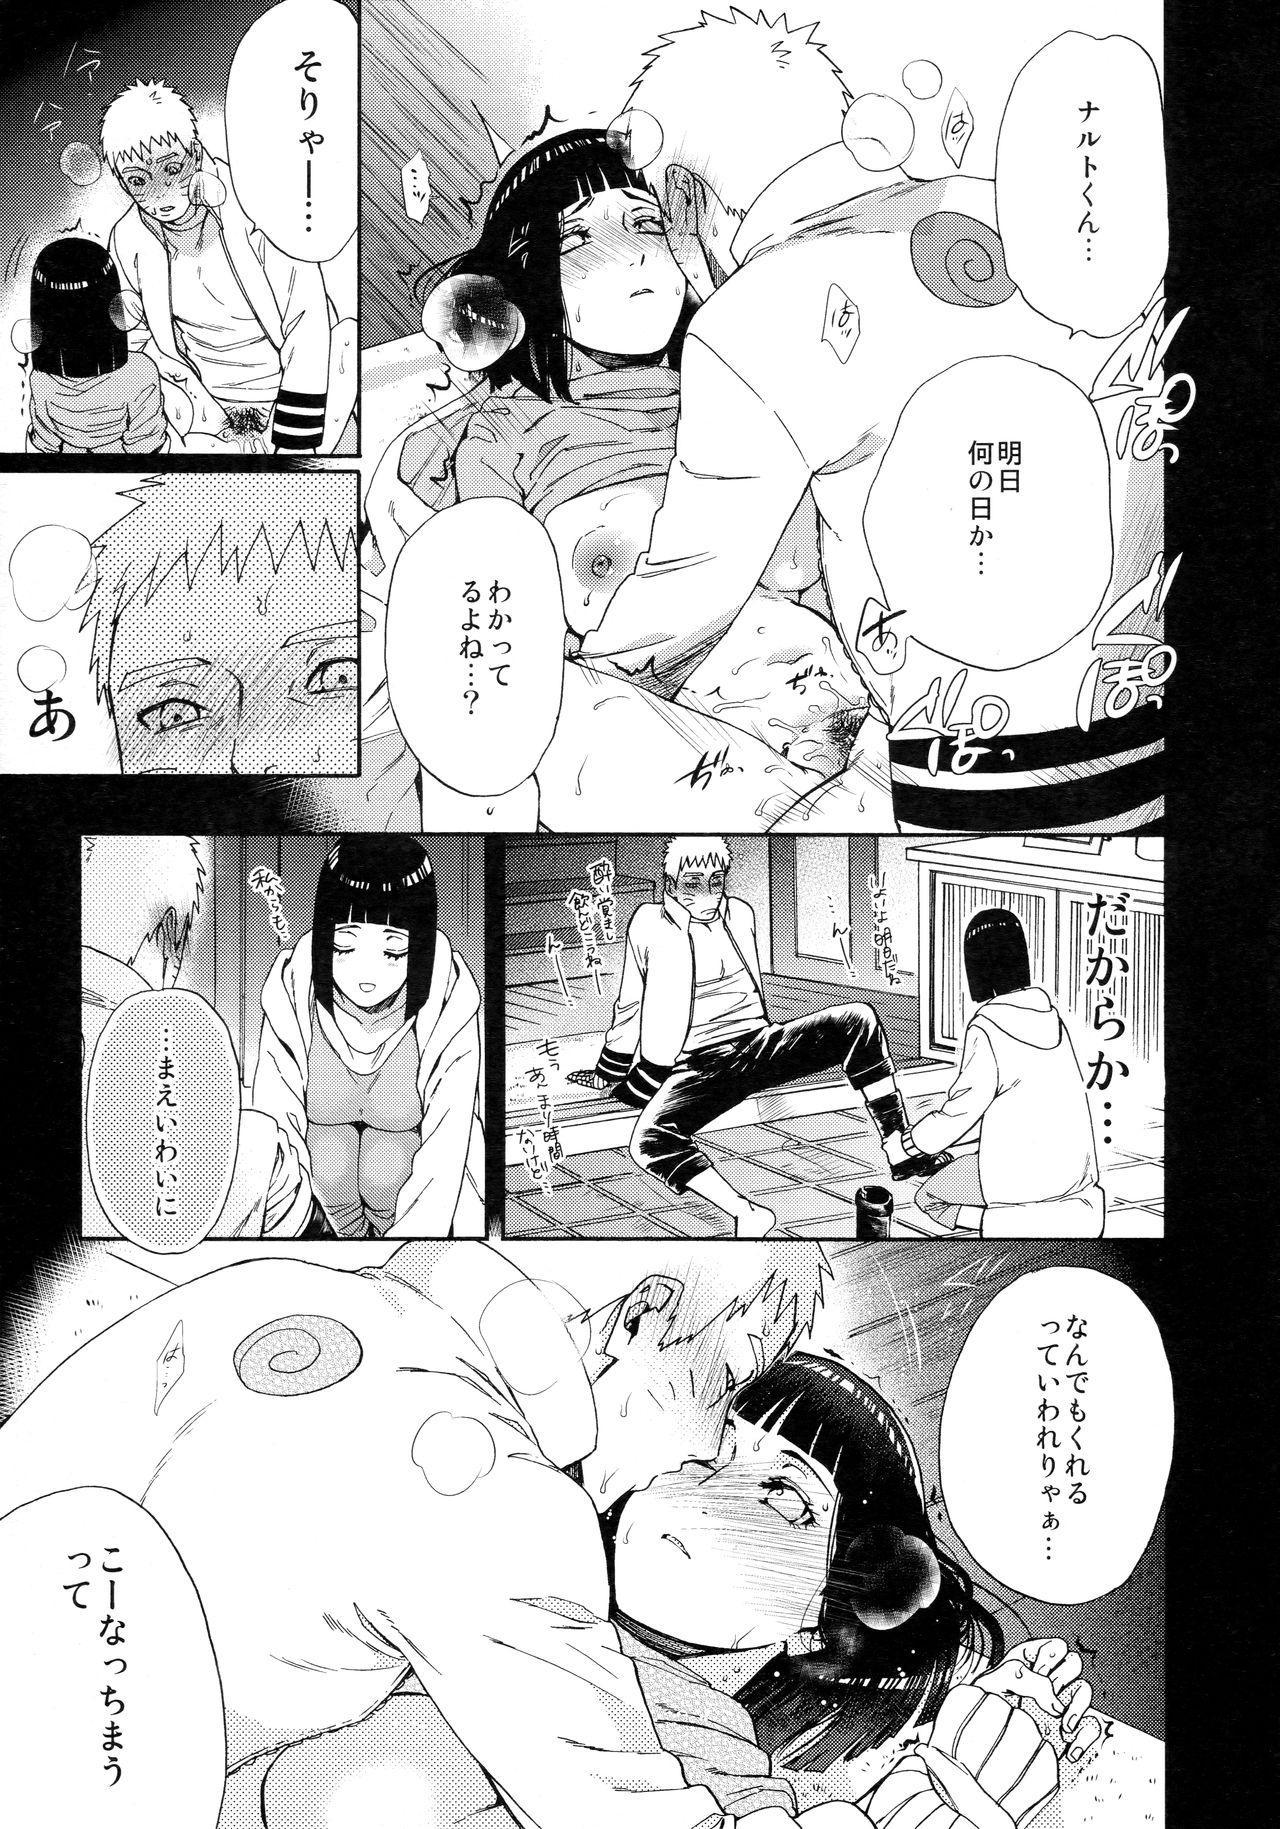 Yoru no Hanashi - Night Story 7